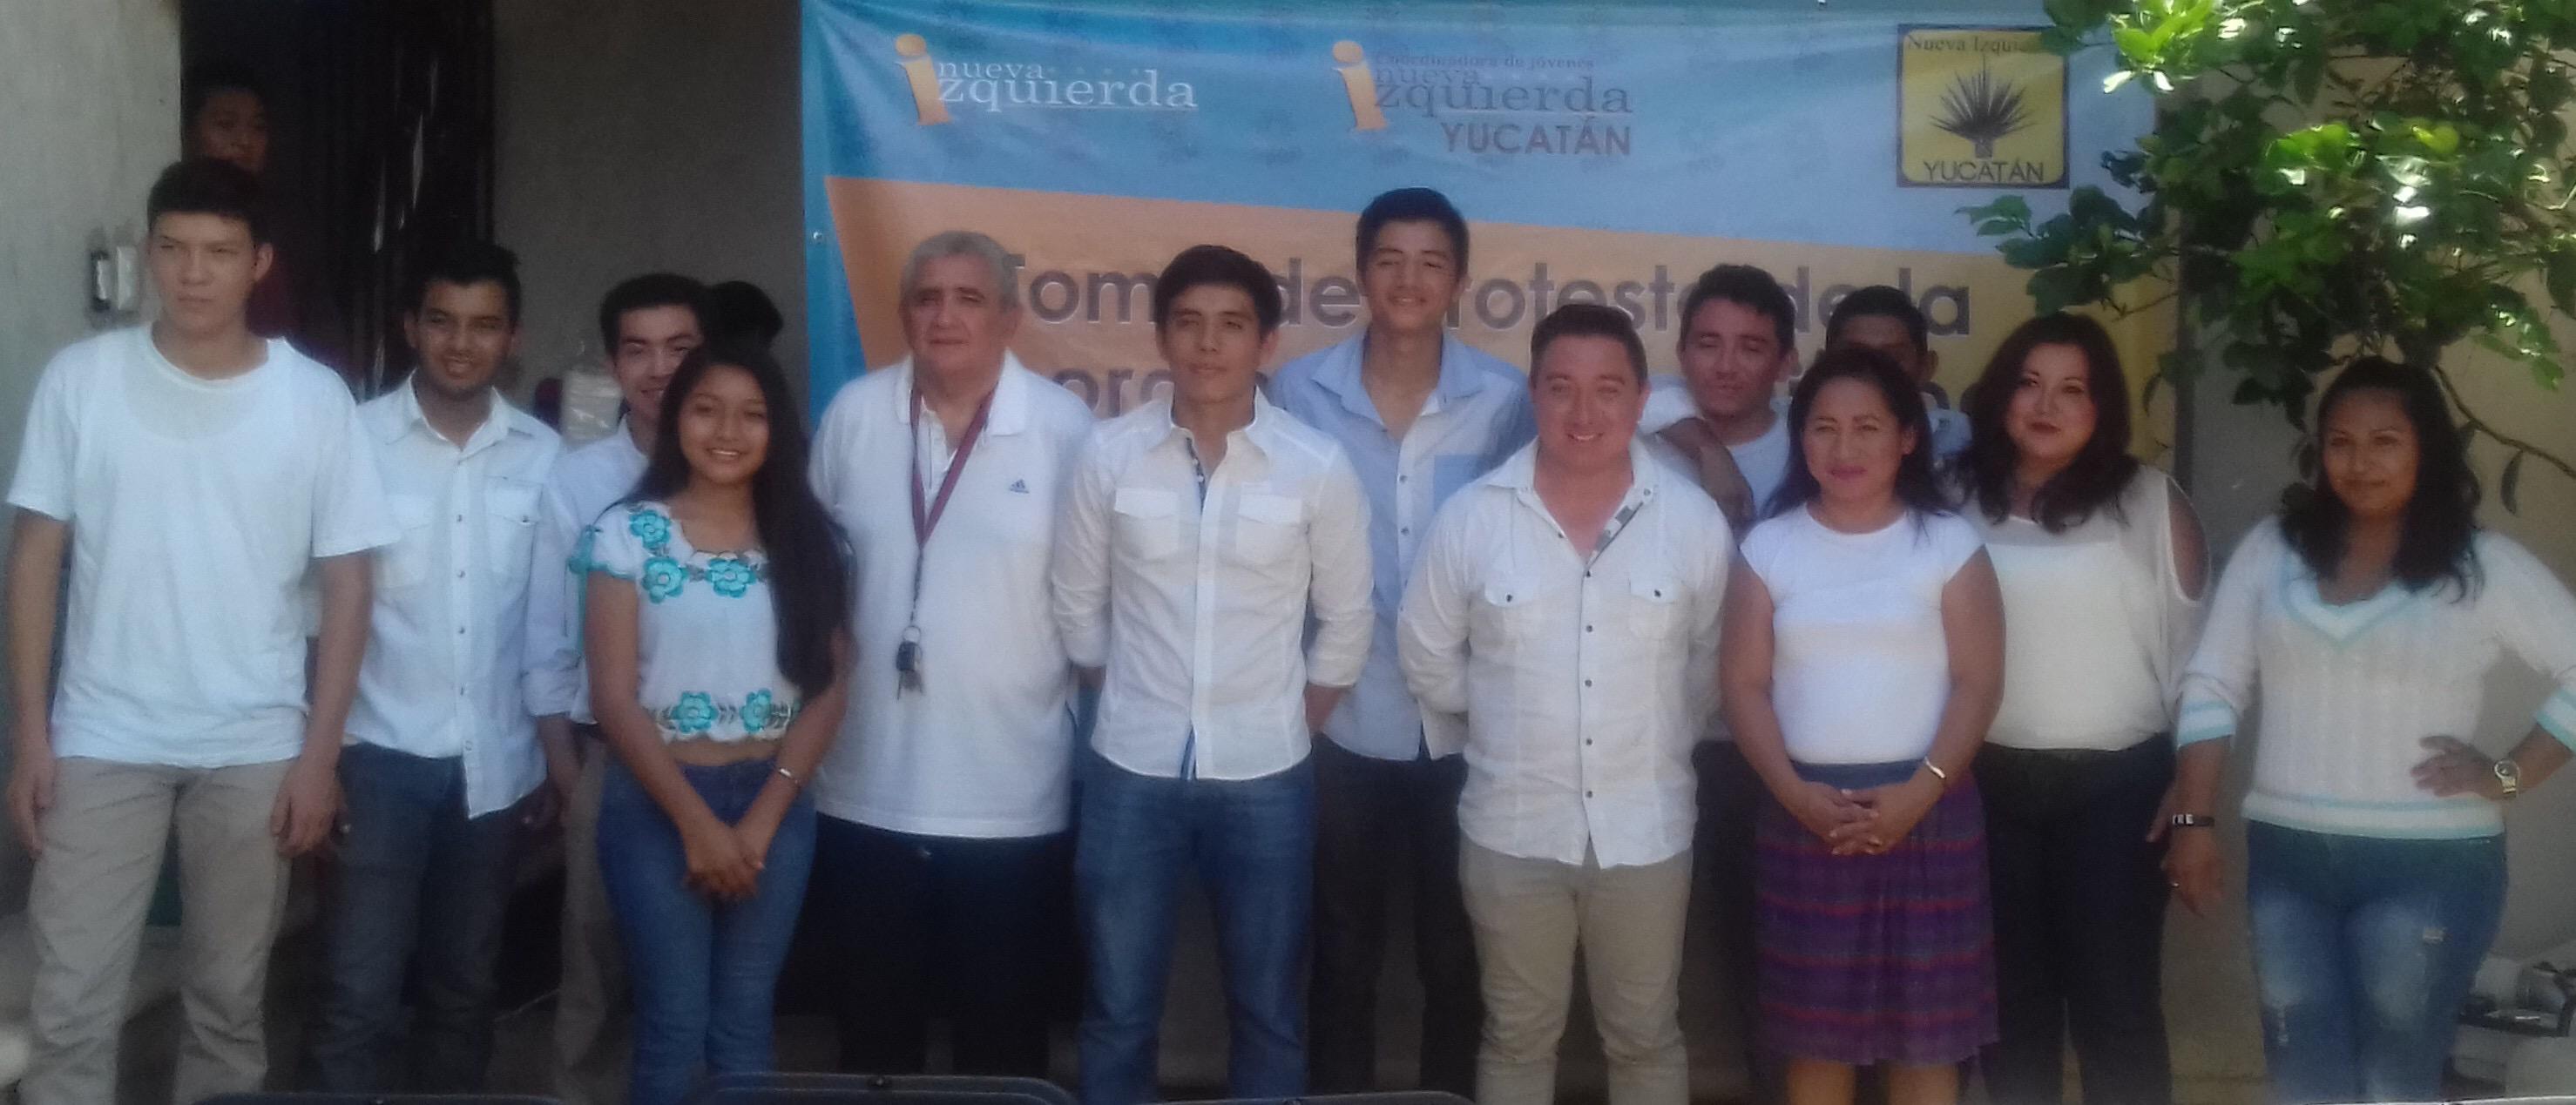 Busca PRD afiliar a más jóvenes de Yucatán